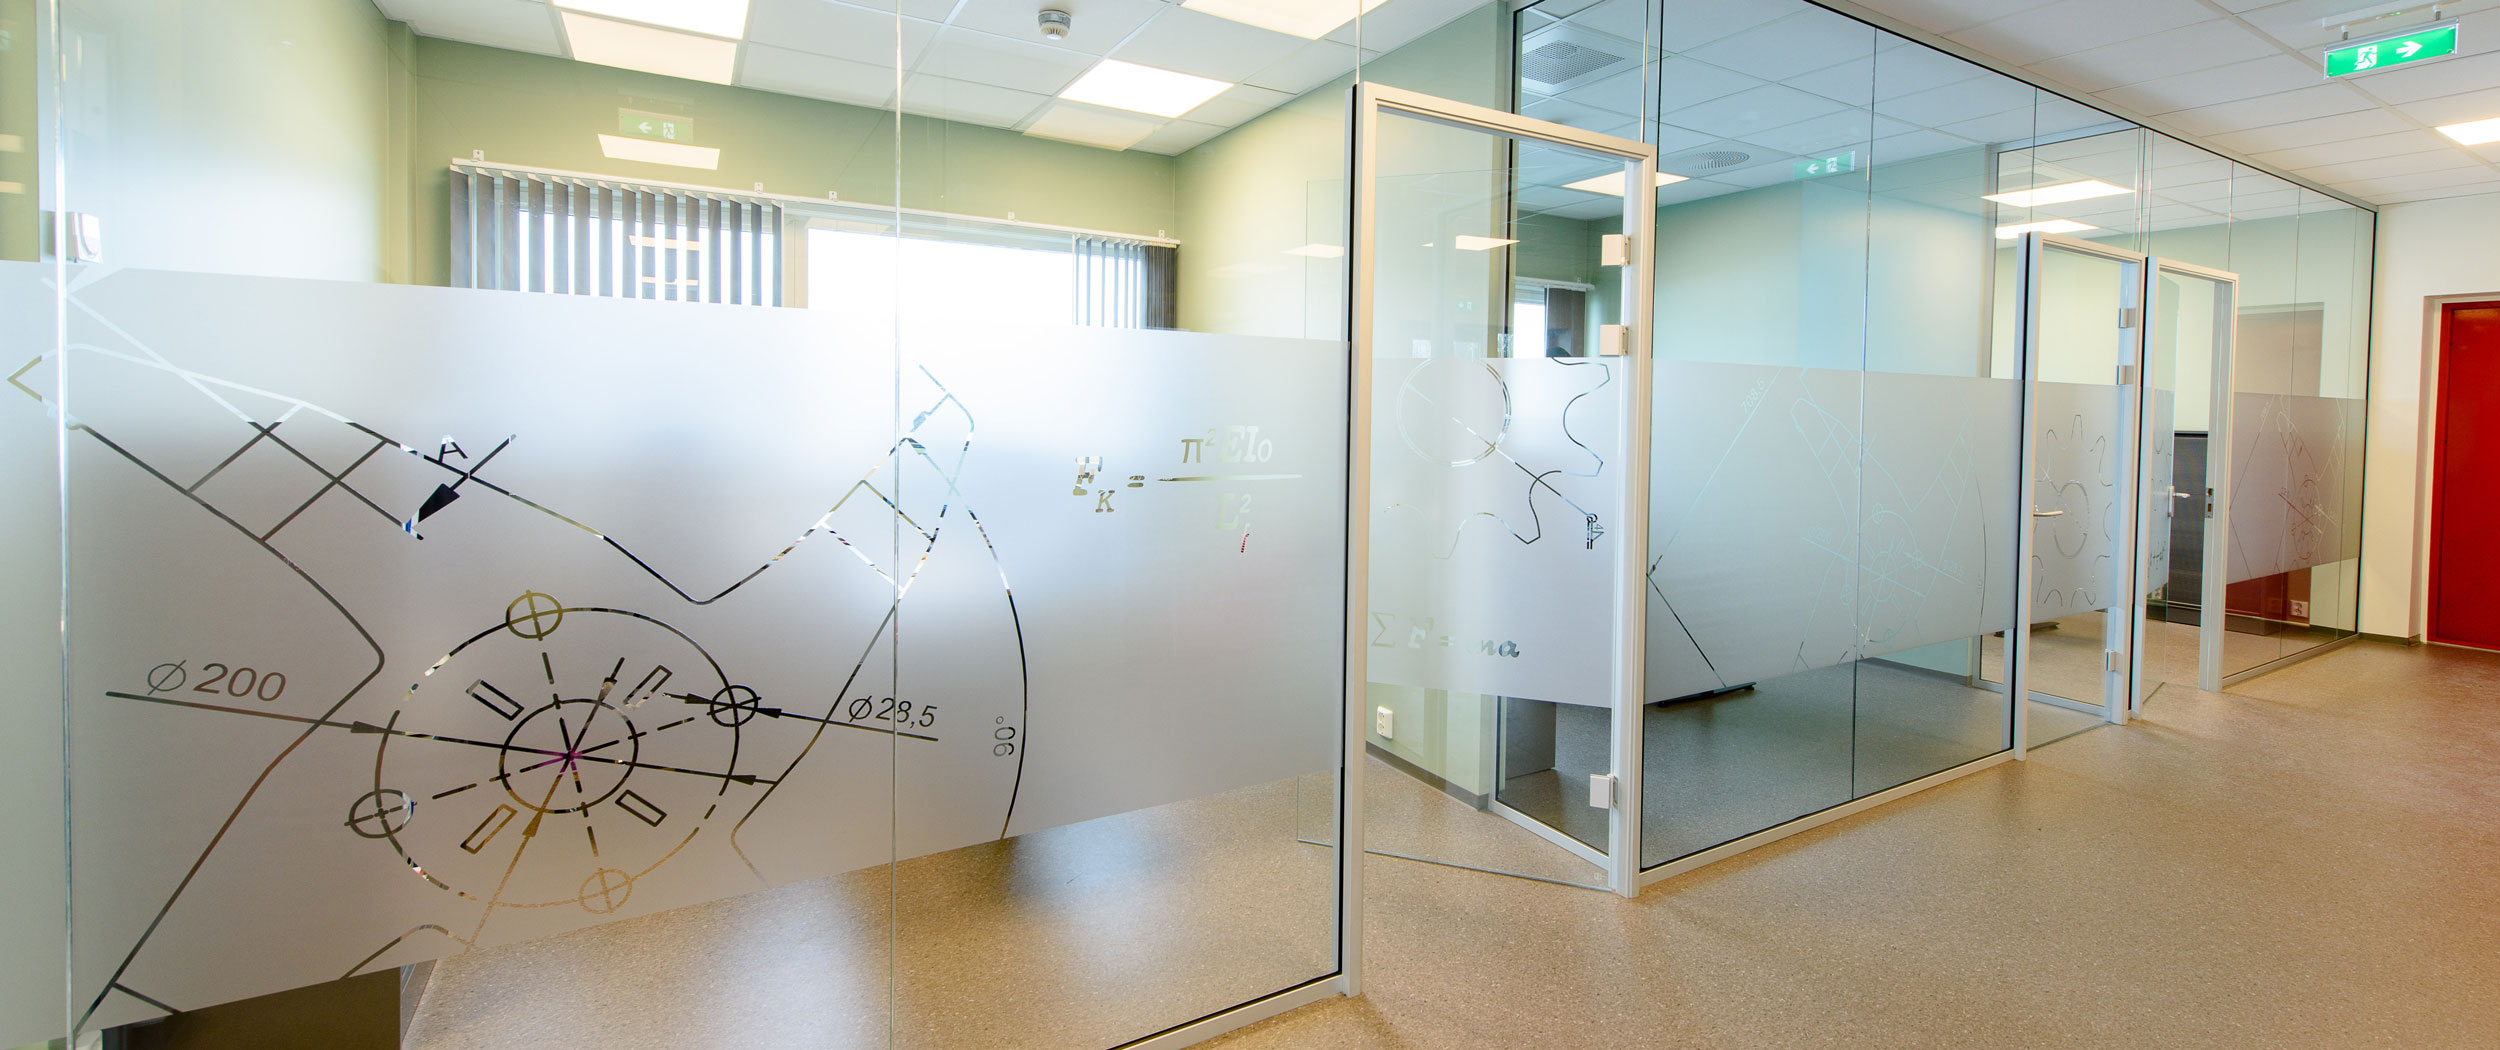 Innredning med fullglassvegger